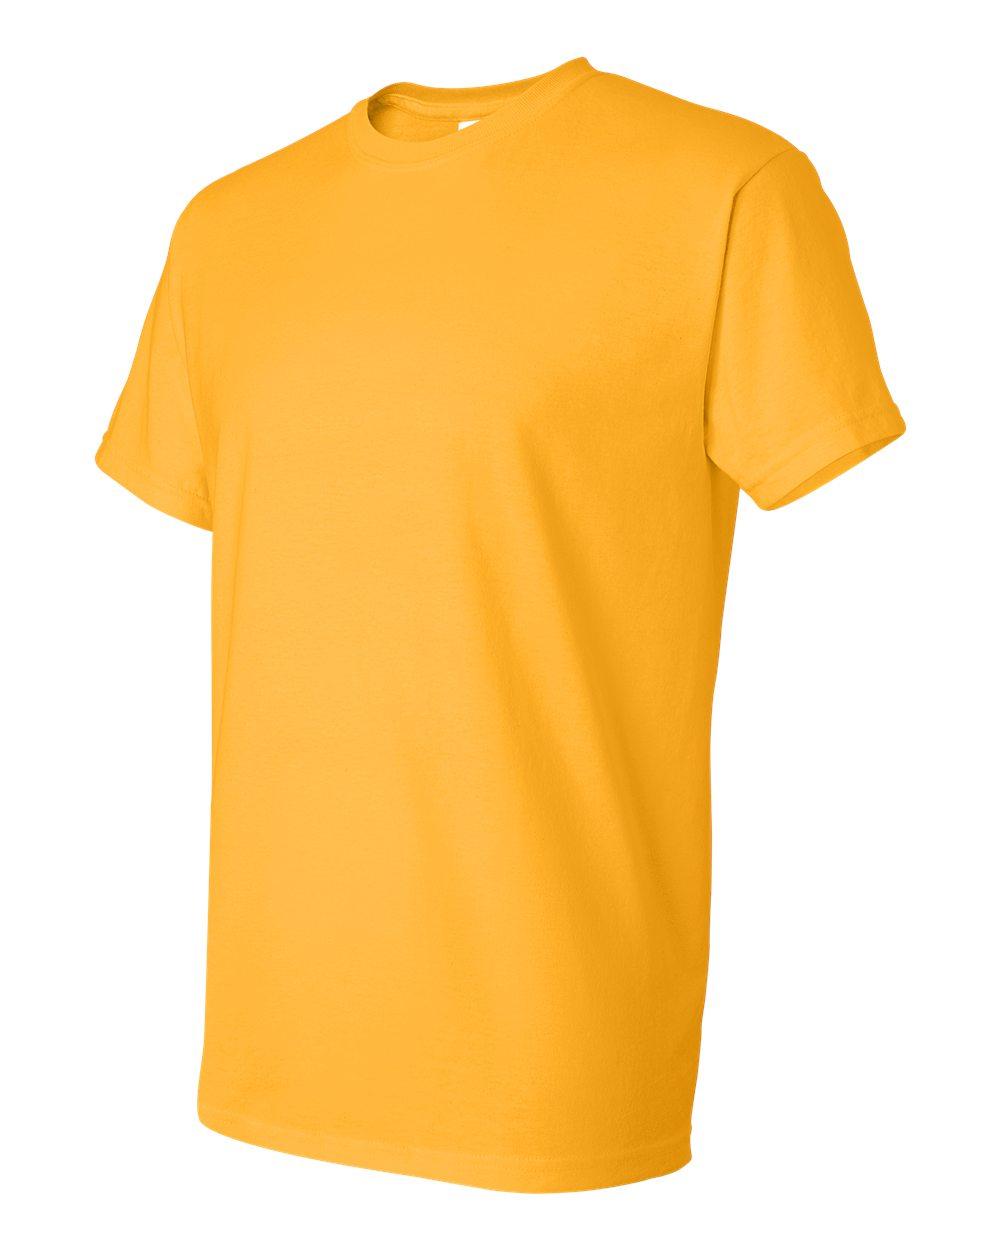 Gildan-Mens-DryBlend-5-6-oz-50-50-T-Shirt-G800-Size-S-5XL thumbnail 29